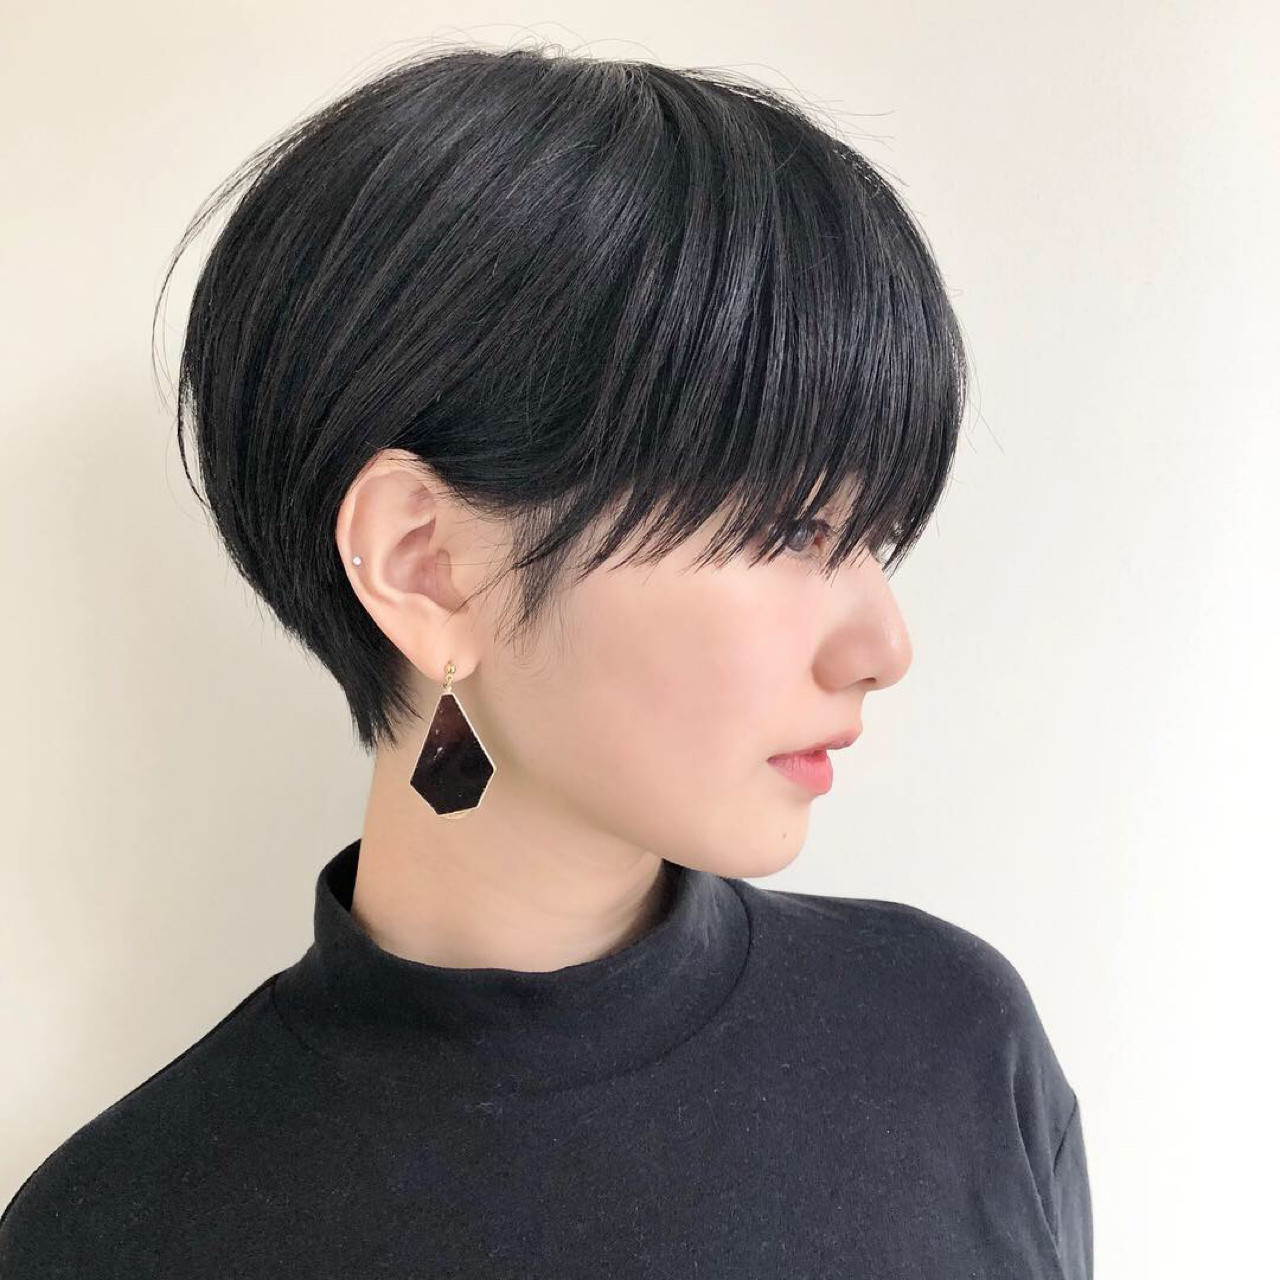 大人ショートヘアでなりたい自分を目指す 印象別セレクト集 Hair